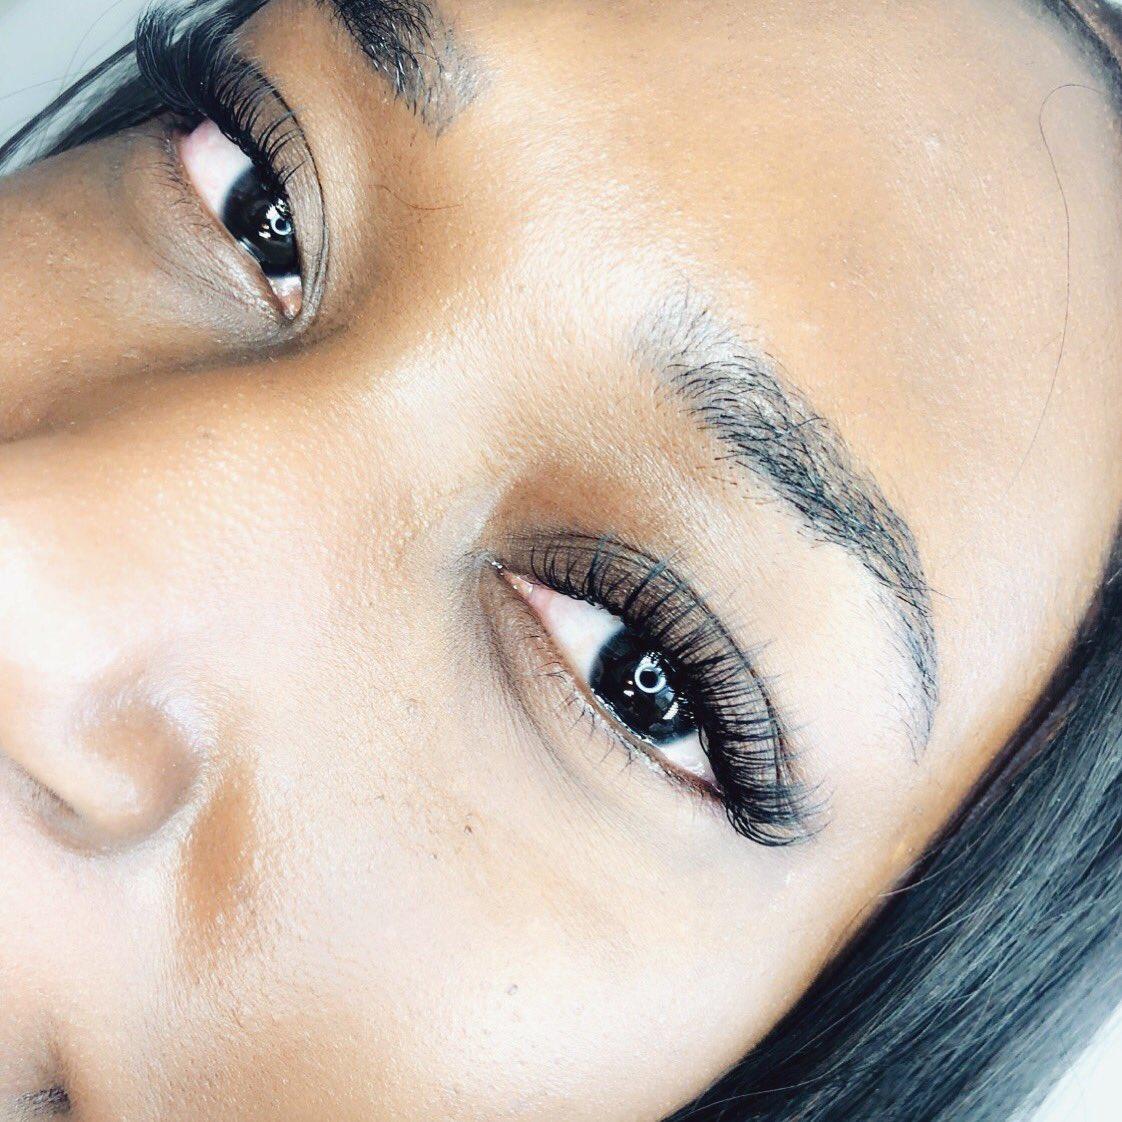 0b15b3f8fd1 #miamilashes #lashextensions #lash #lashes #mink #minklashes  #eyelashextensions #eyelashes #miamilash #305lash #lashlovepic.twitter .com/cQegA9rZek